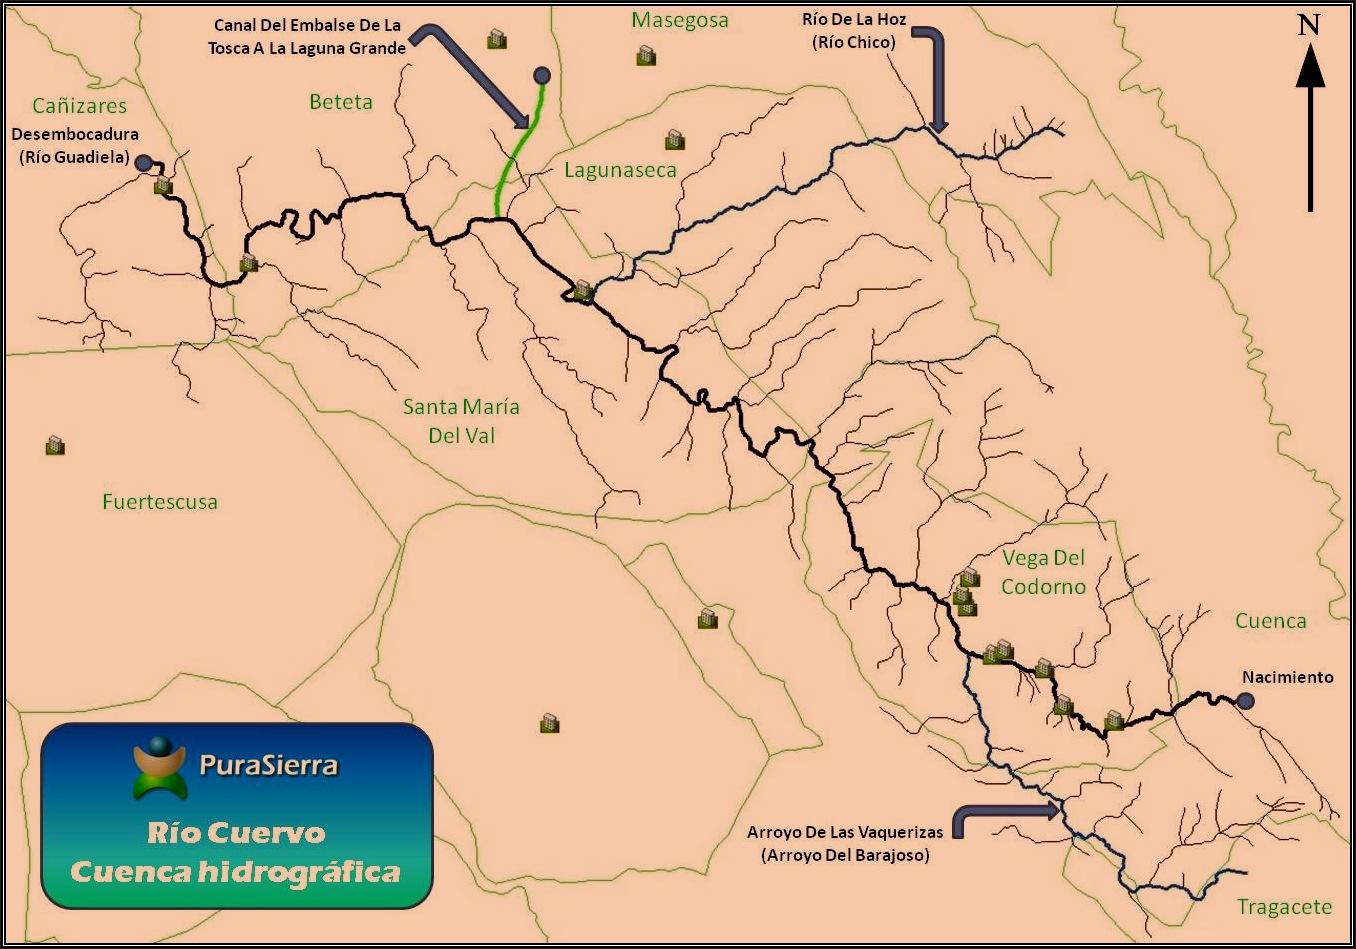 Cuenca hidrográfica del Río Cuervo